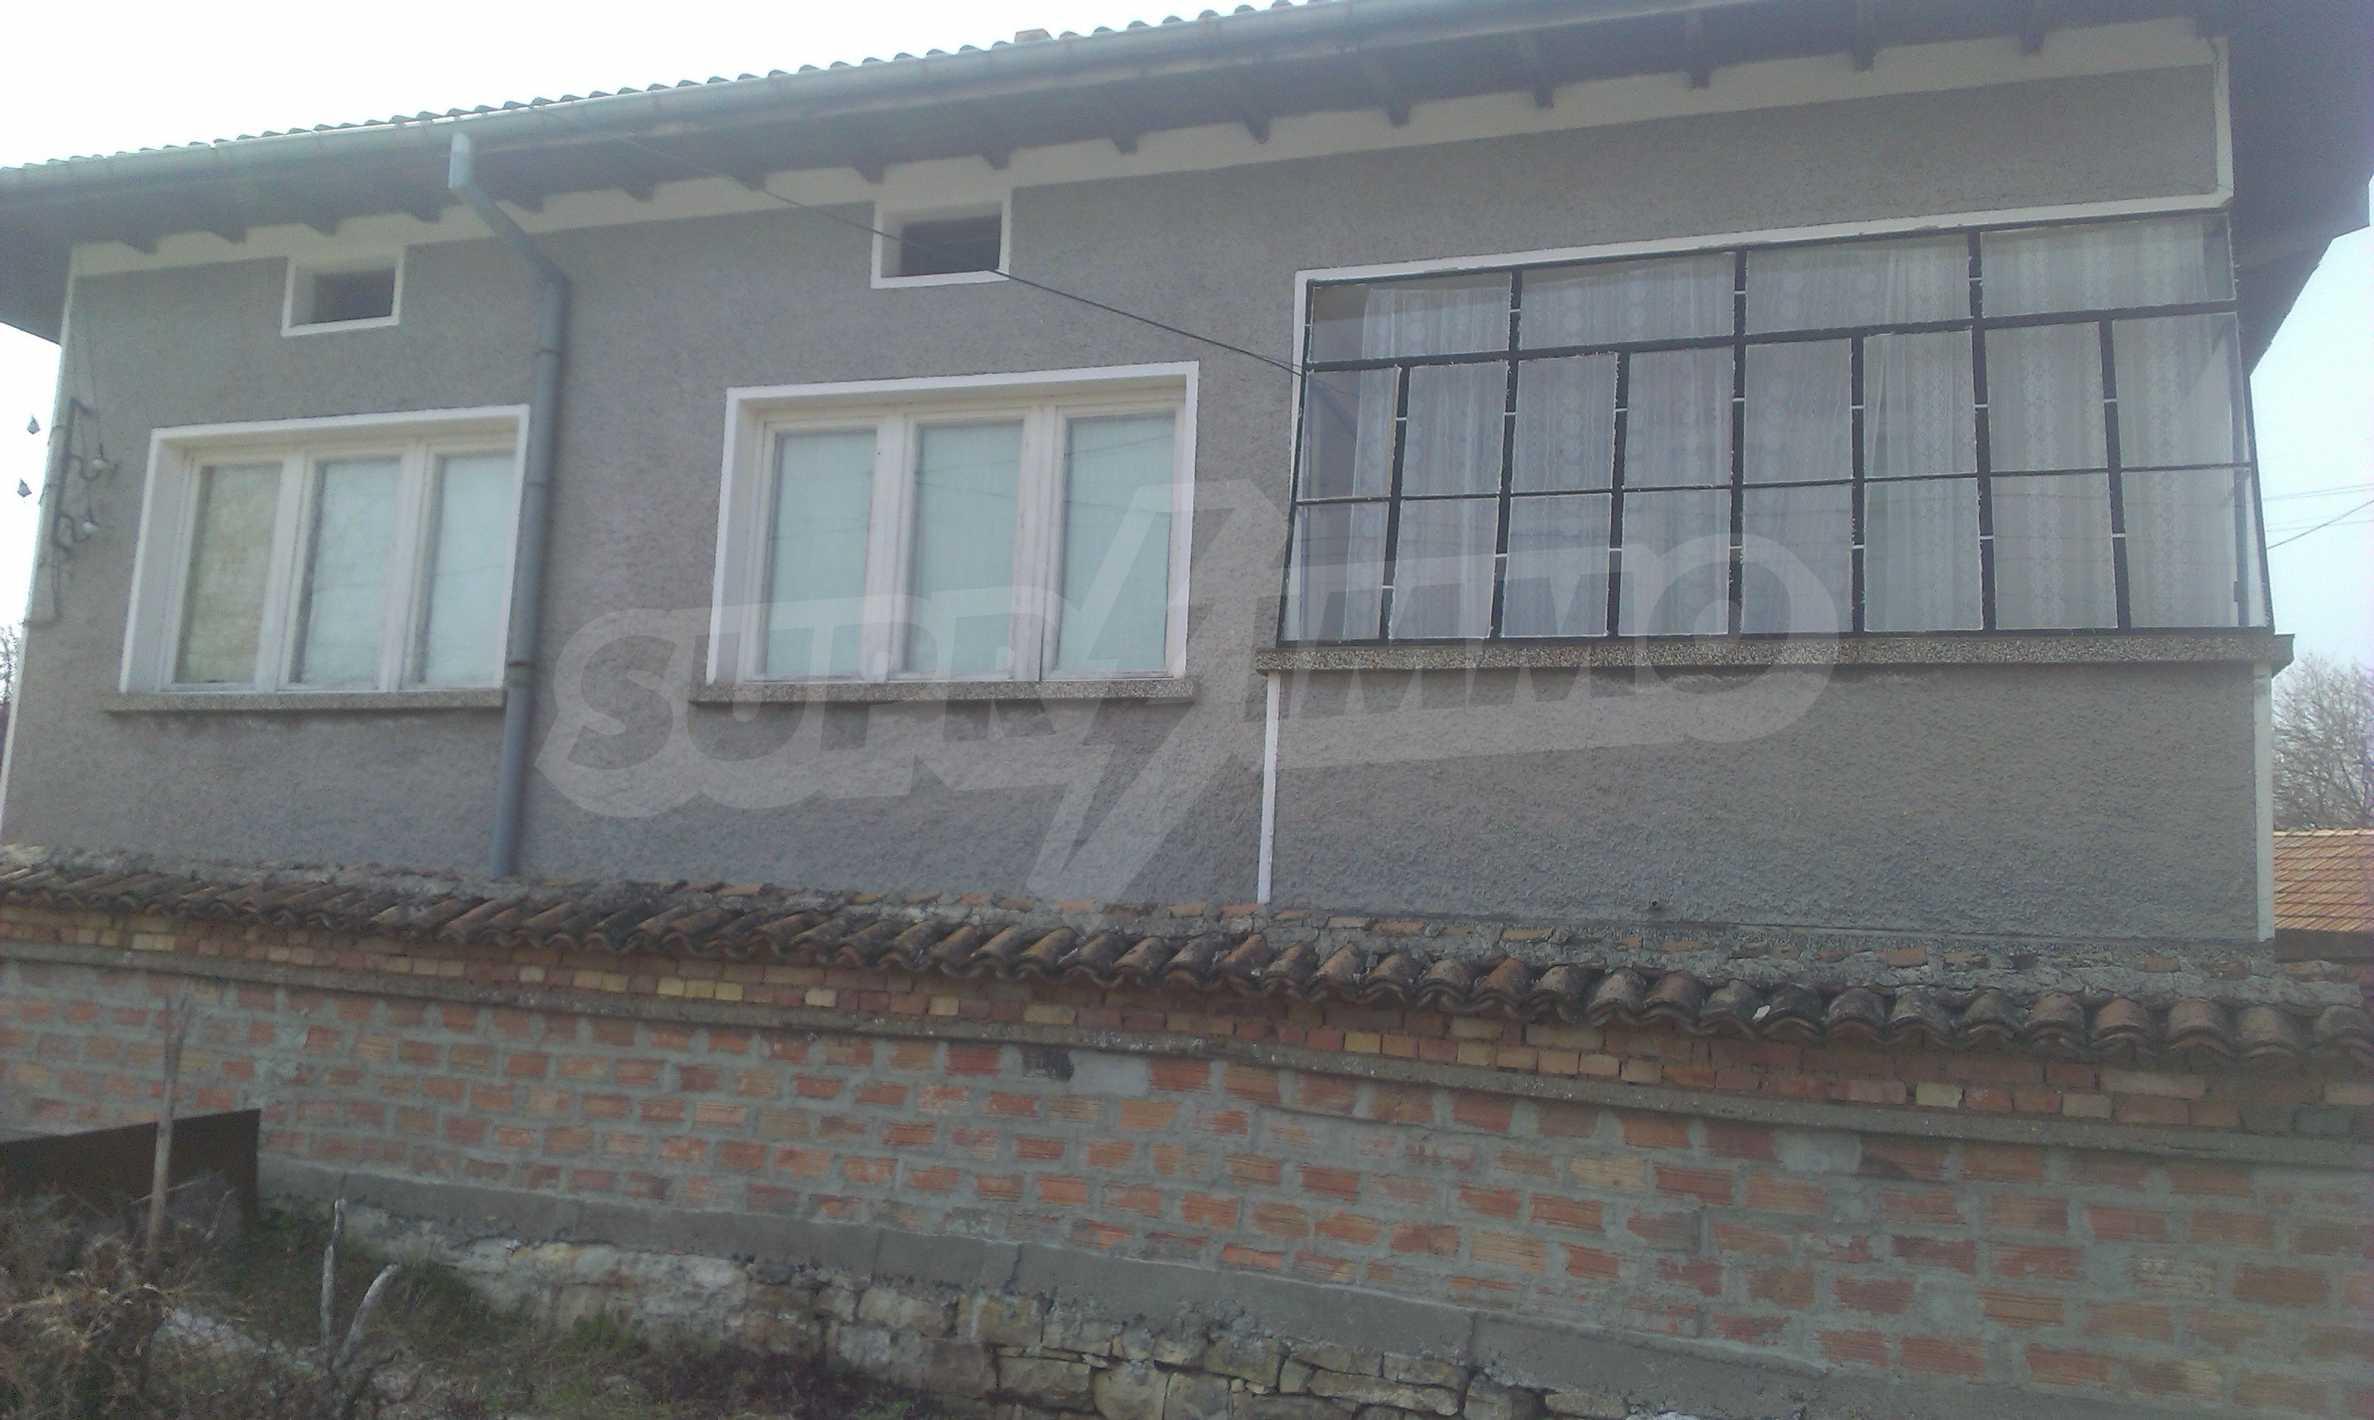 Großes zweistöckiges Backsteinhaus in einem Dorf 40 km von Veliko Tarnovo entfernt 69